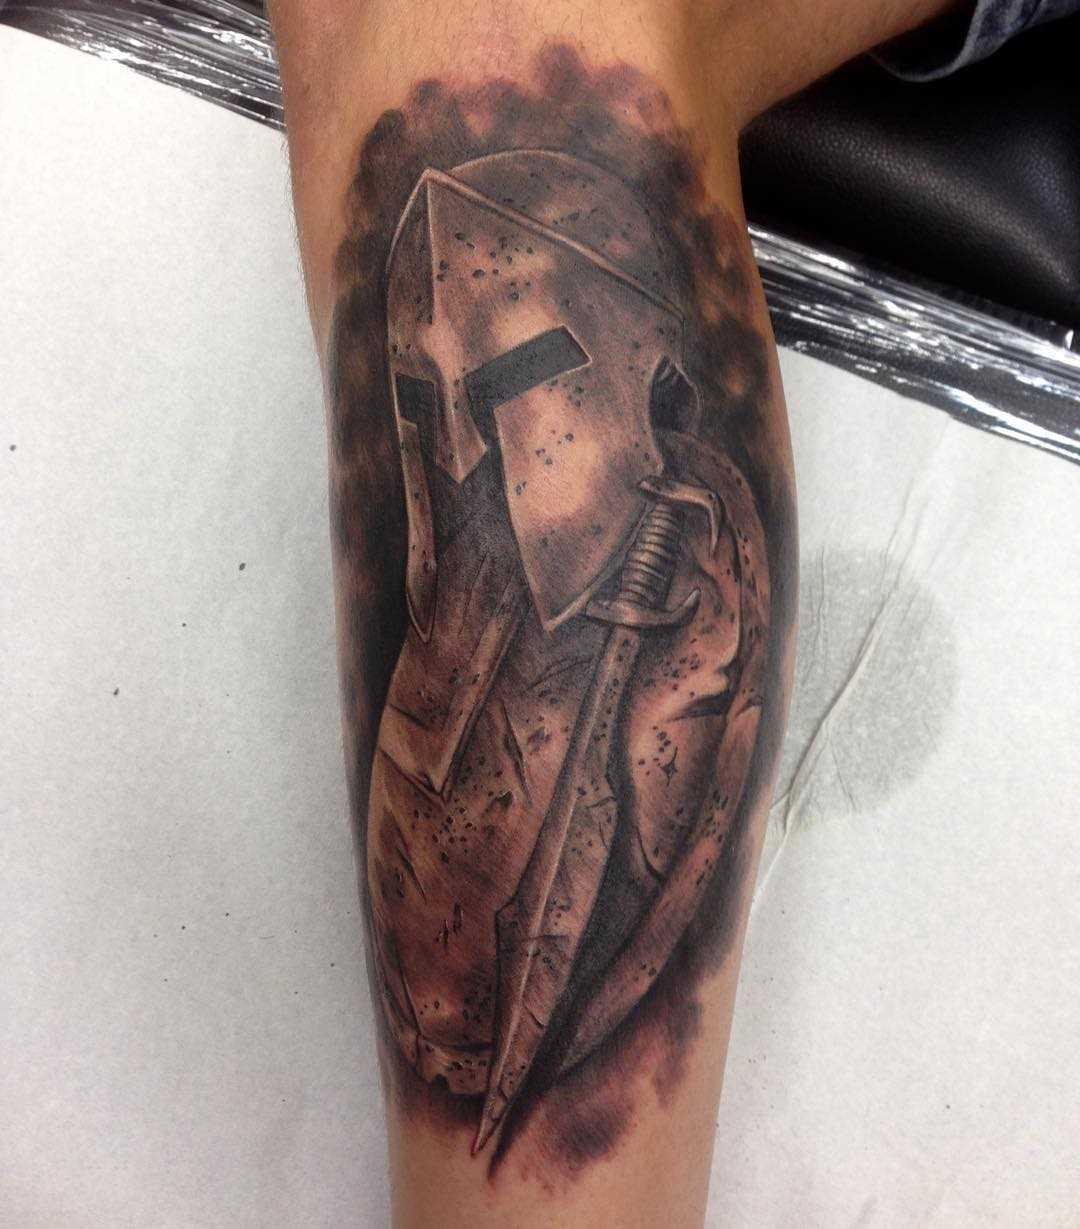 Tatuagem de um capacete espartano com um escudo sobre a perna de um cara